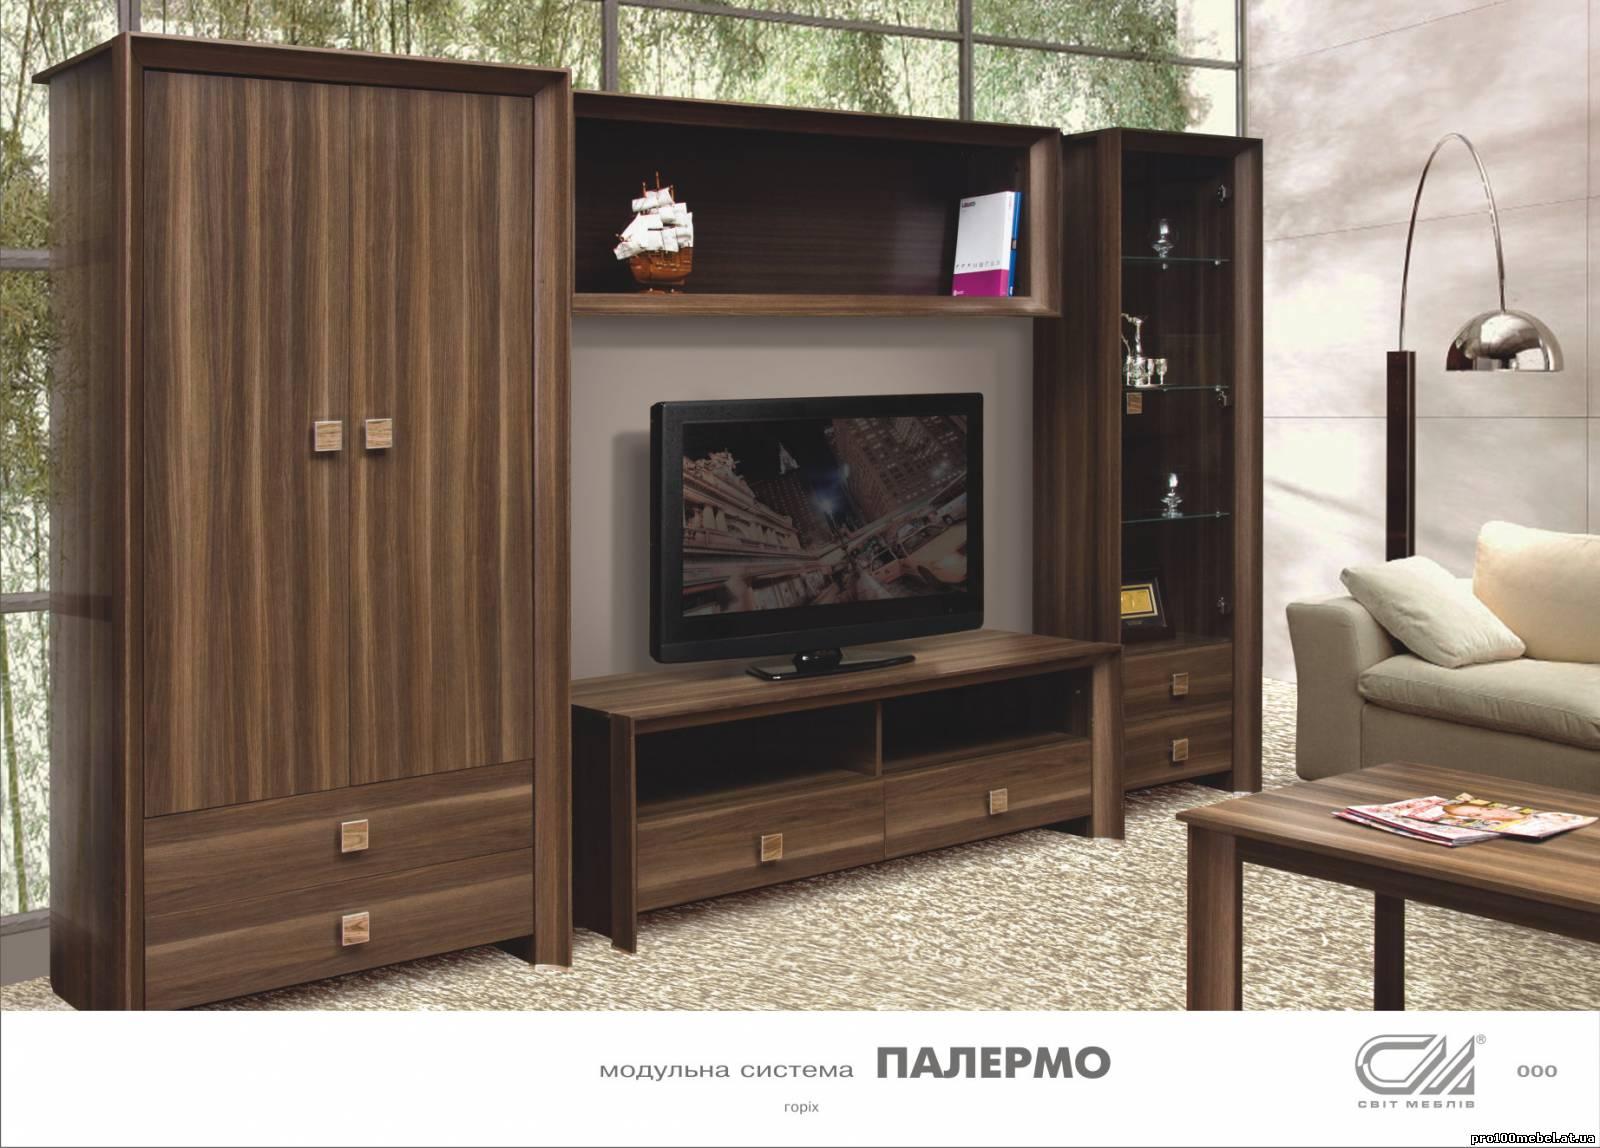 Коллекция диванов Моск обл